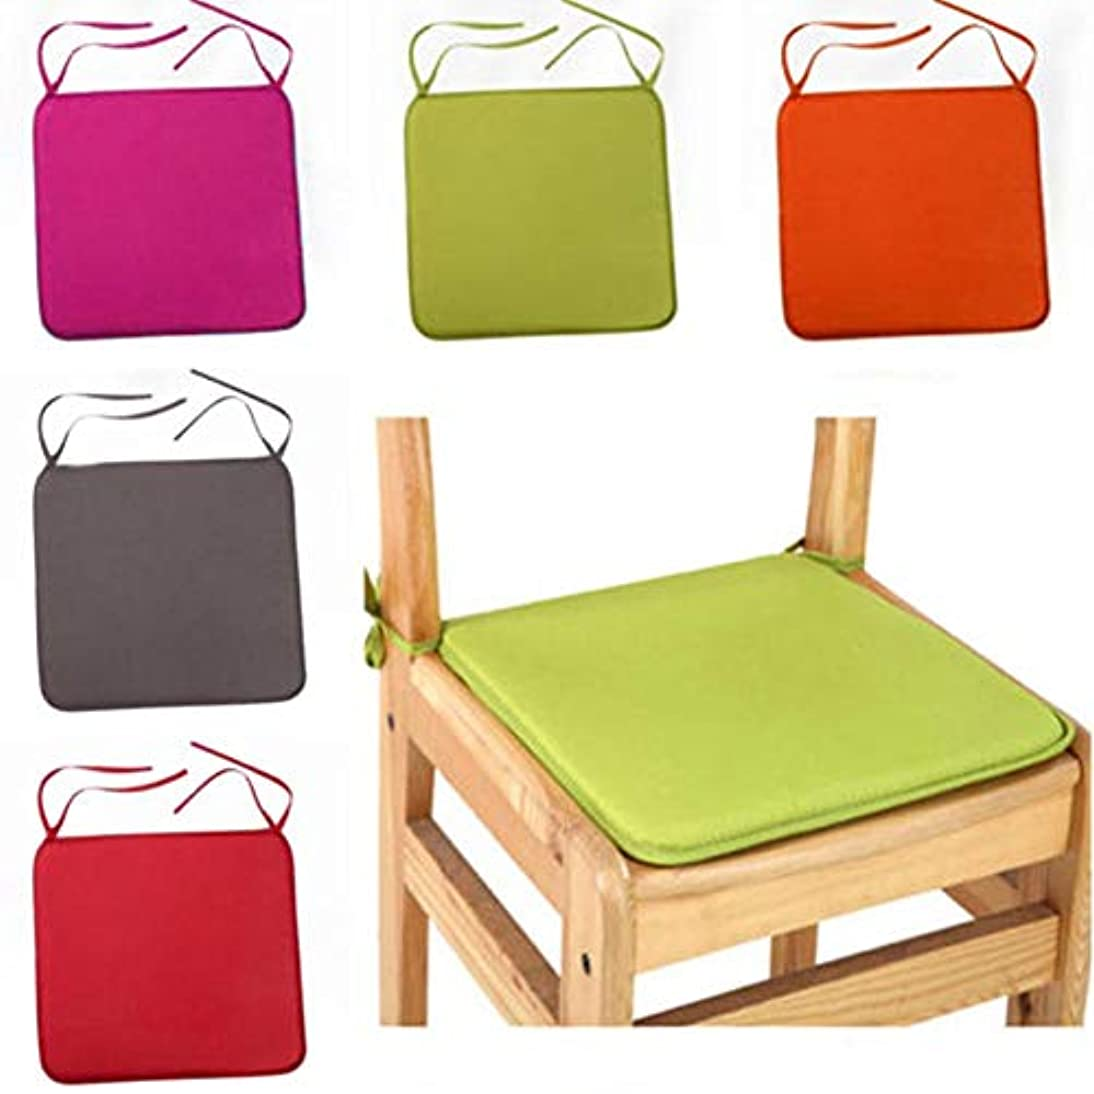 の面ではサークル報告書LIFE 40 × 40 センチメートルの椅子のクッションシートダイニング椅子屋外屋内キッチンスクエアソフトネクタイ椅子パッドホーム装飾 クッション 椅子